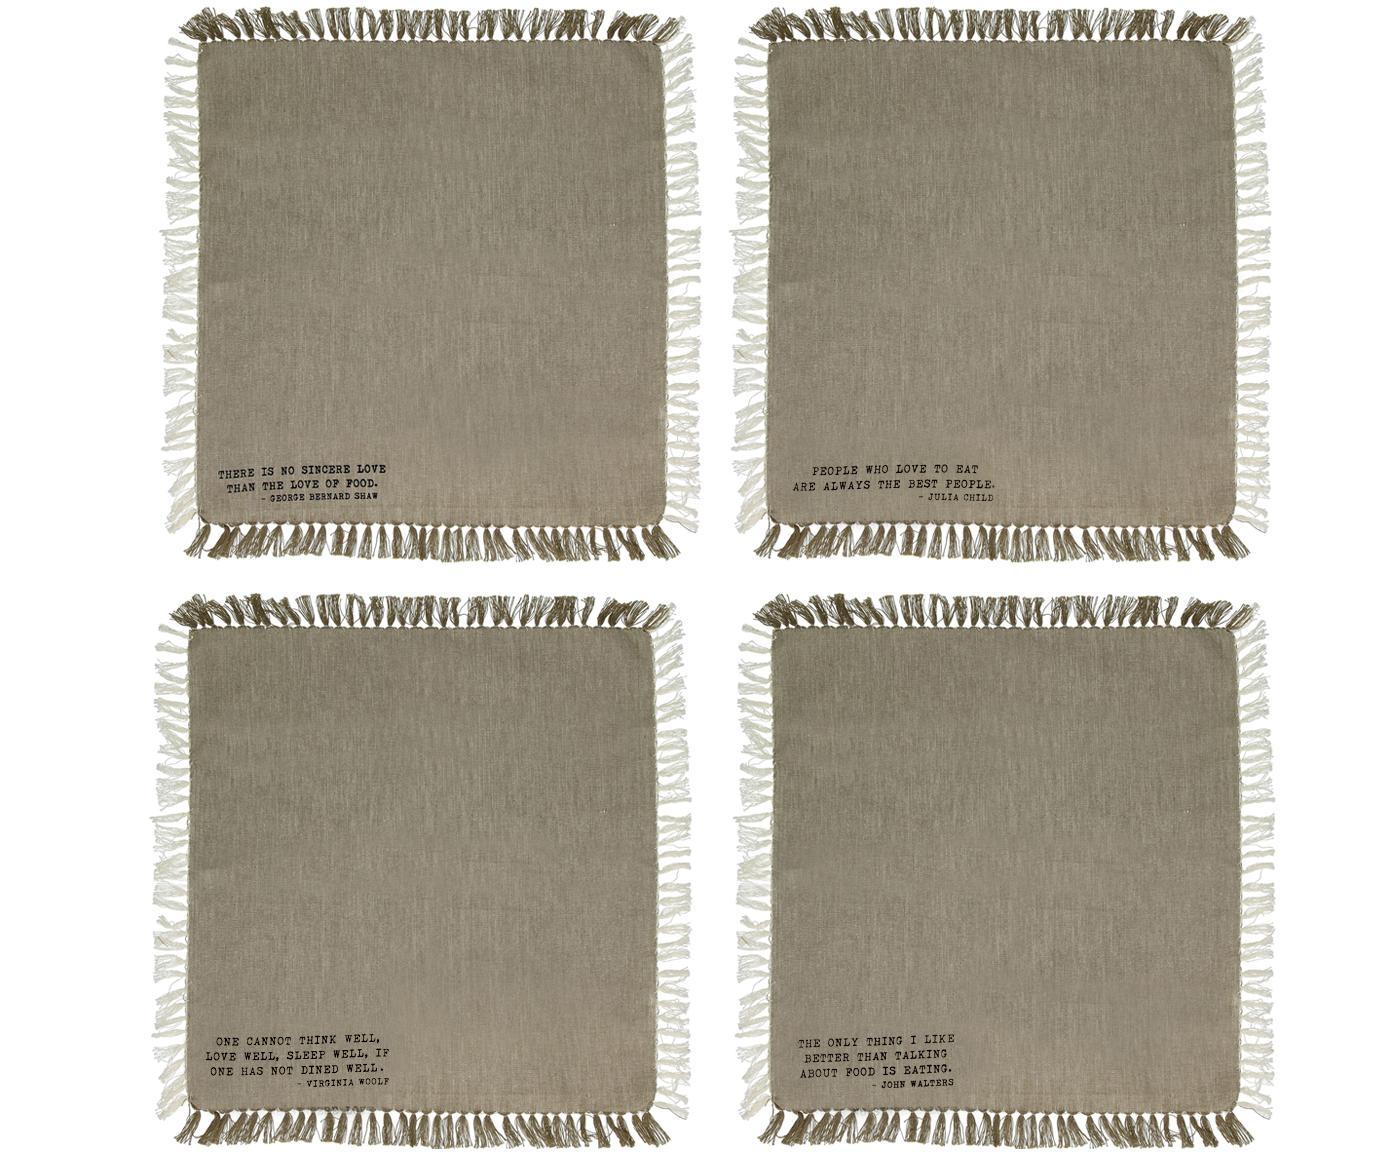 Baumwoll-Servietten Enjoy mit Spruch, 4er-Set, Baumwolle, Sandfarben, 40 x 40 cm